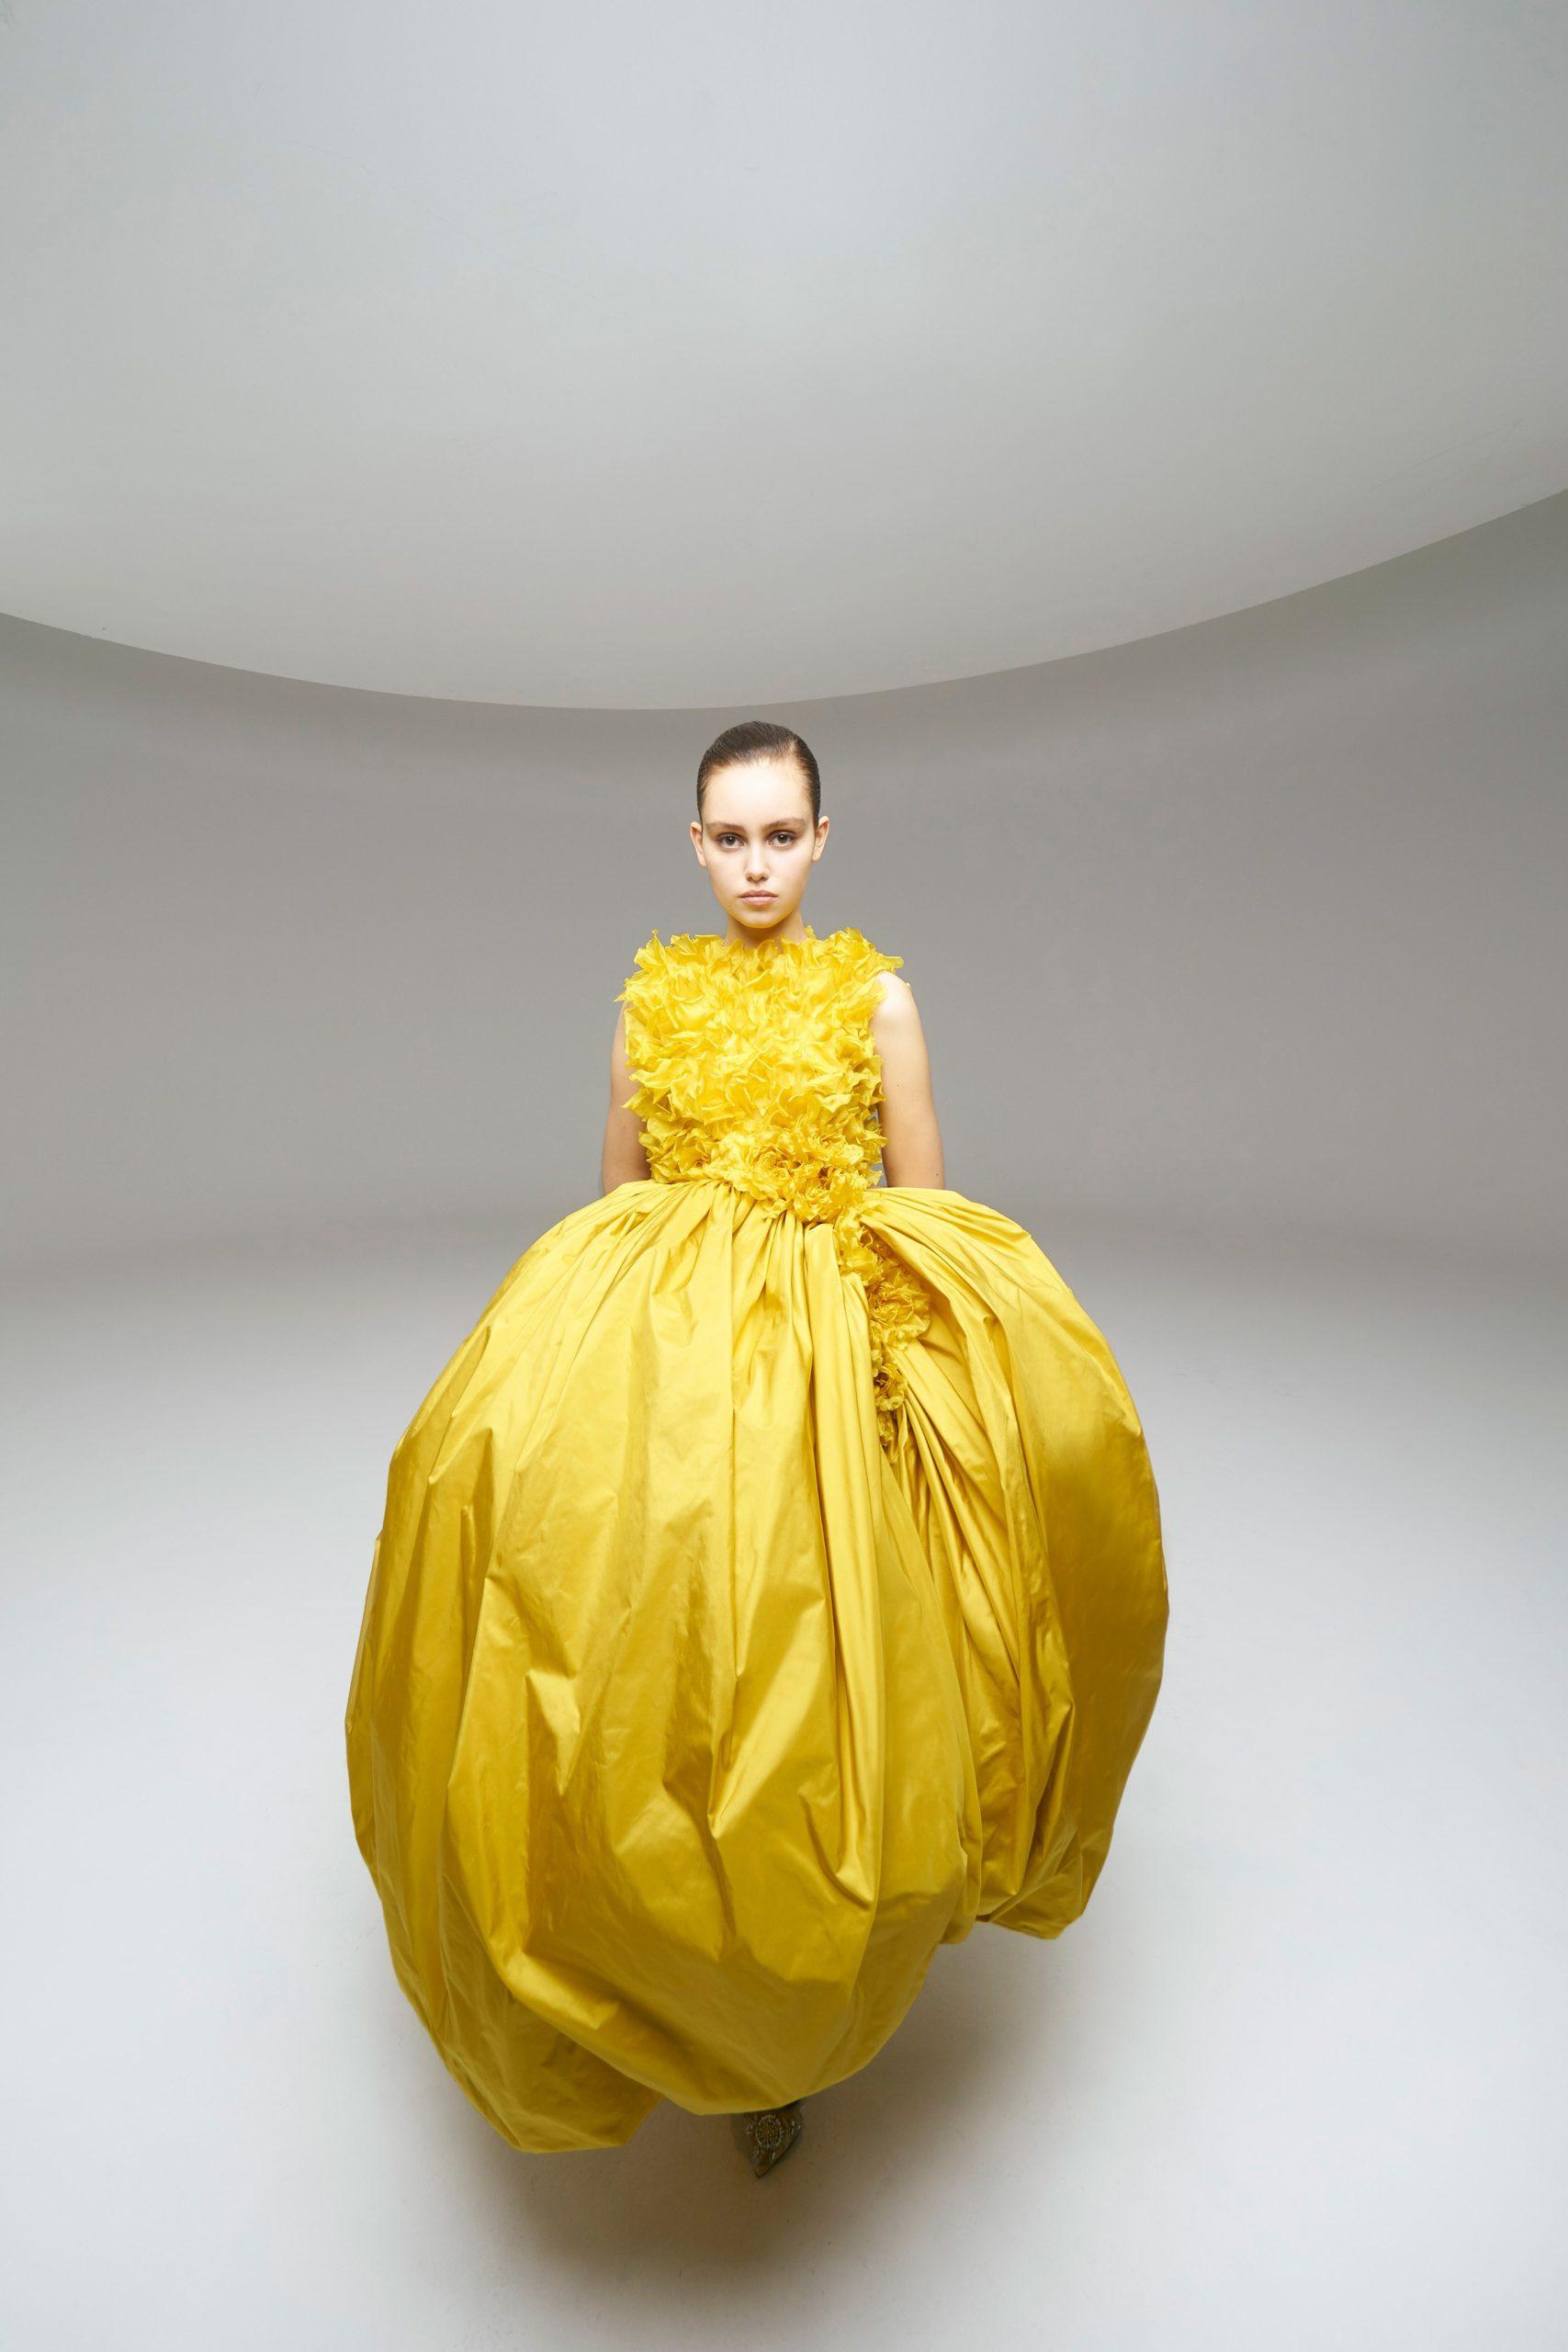 00008-Giambattista-Valli-Couture-Spring-2020-credit-Giambattista-Valli